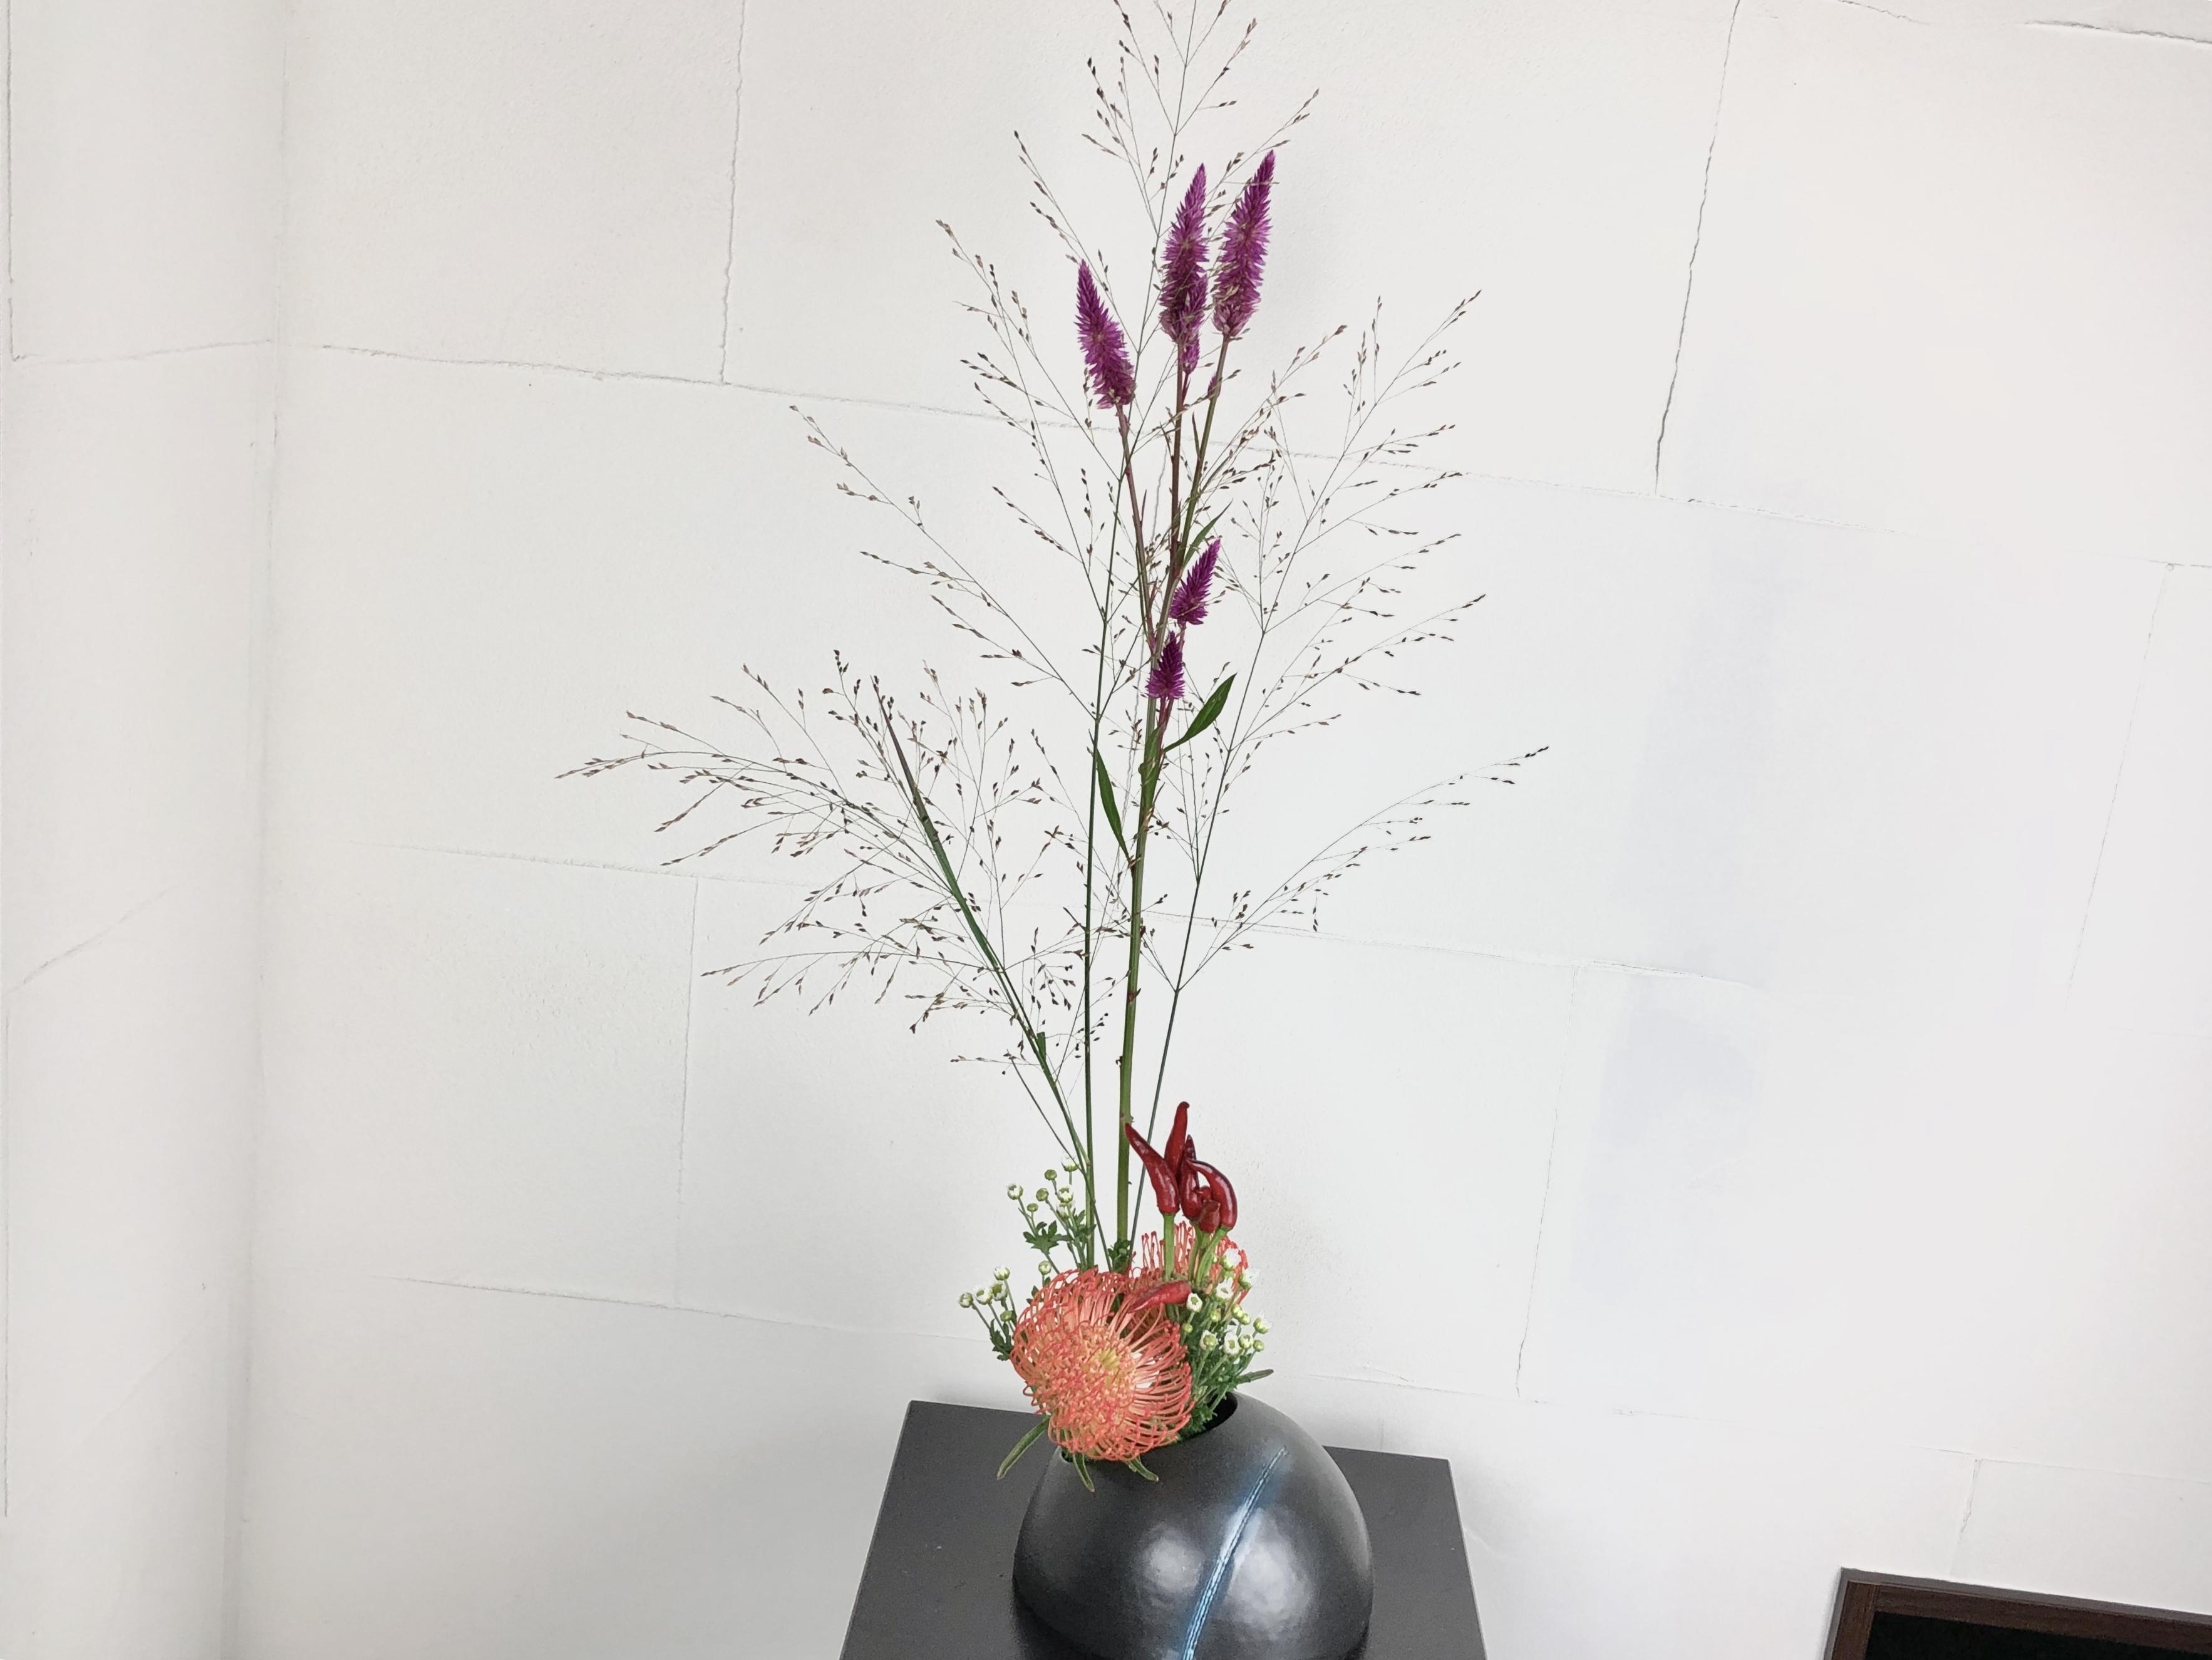 質感の面白いお花